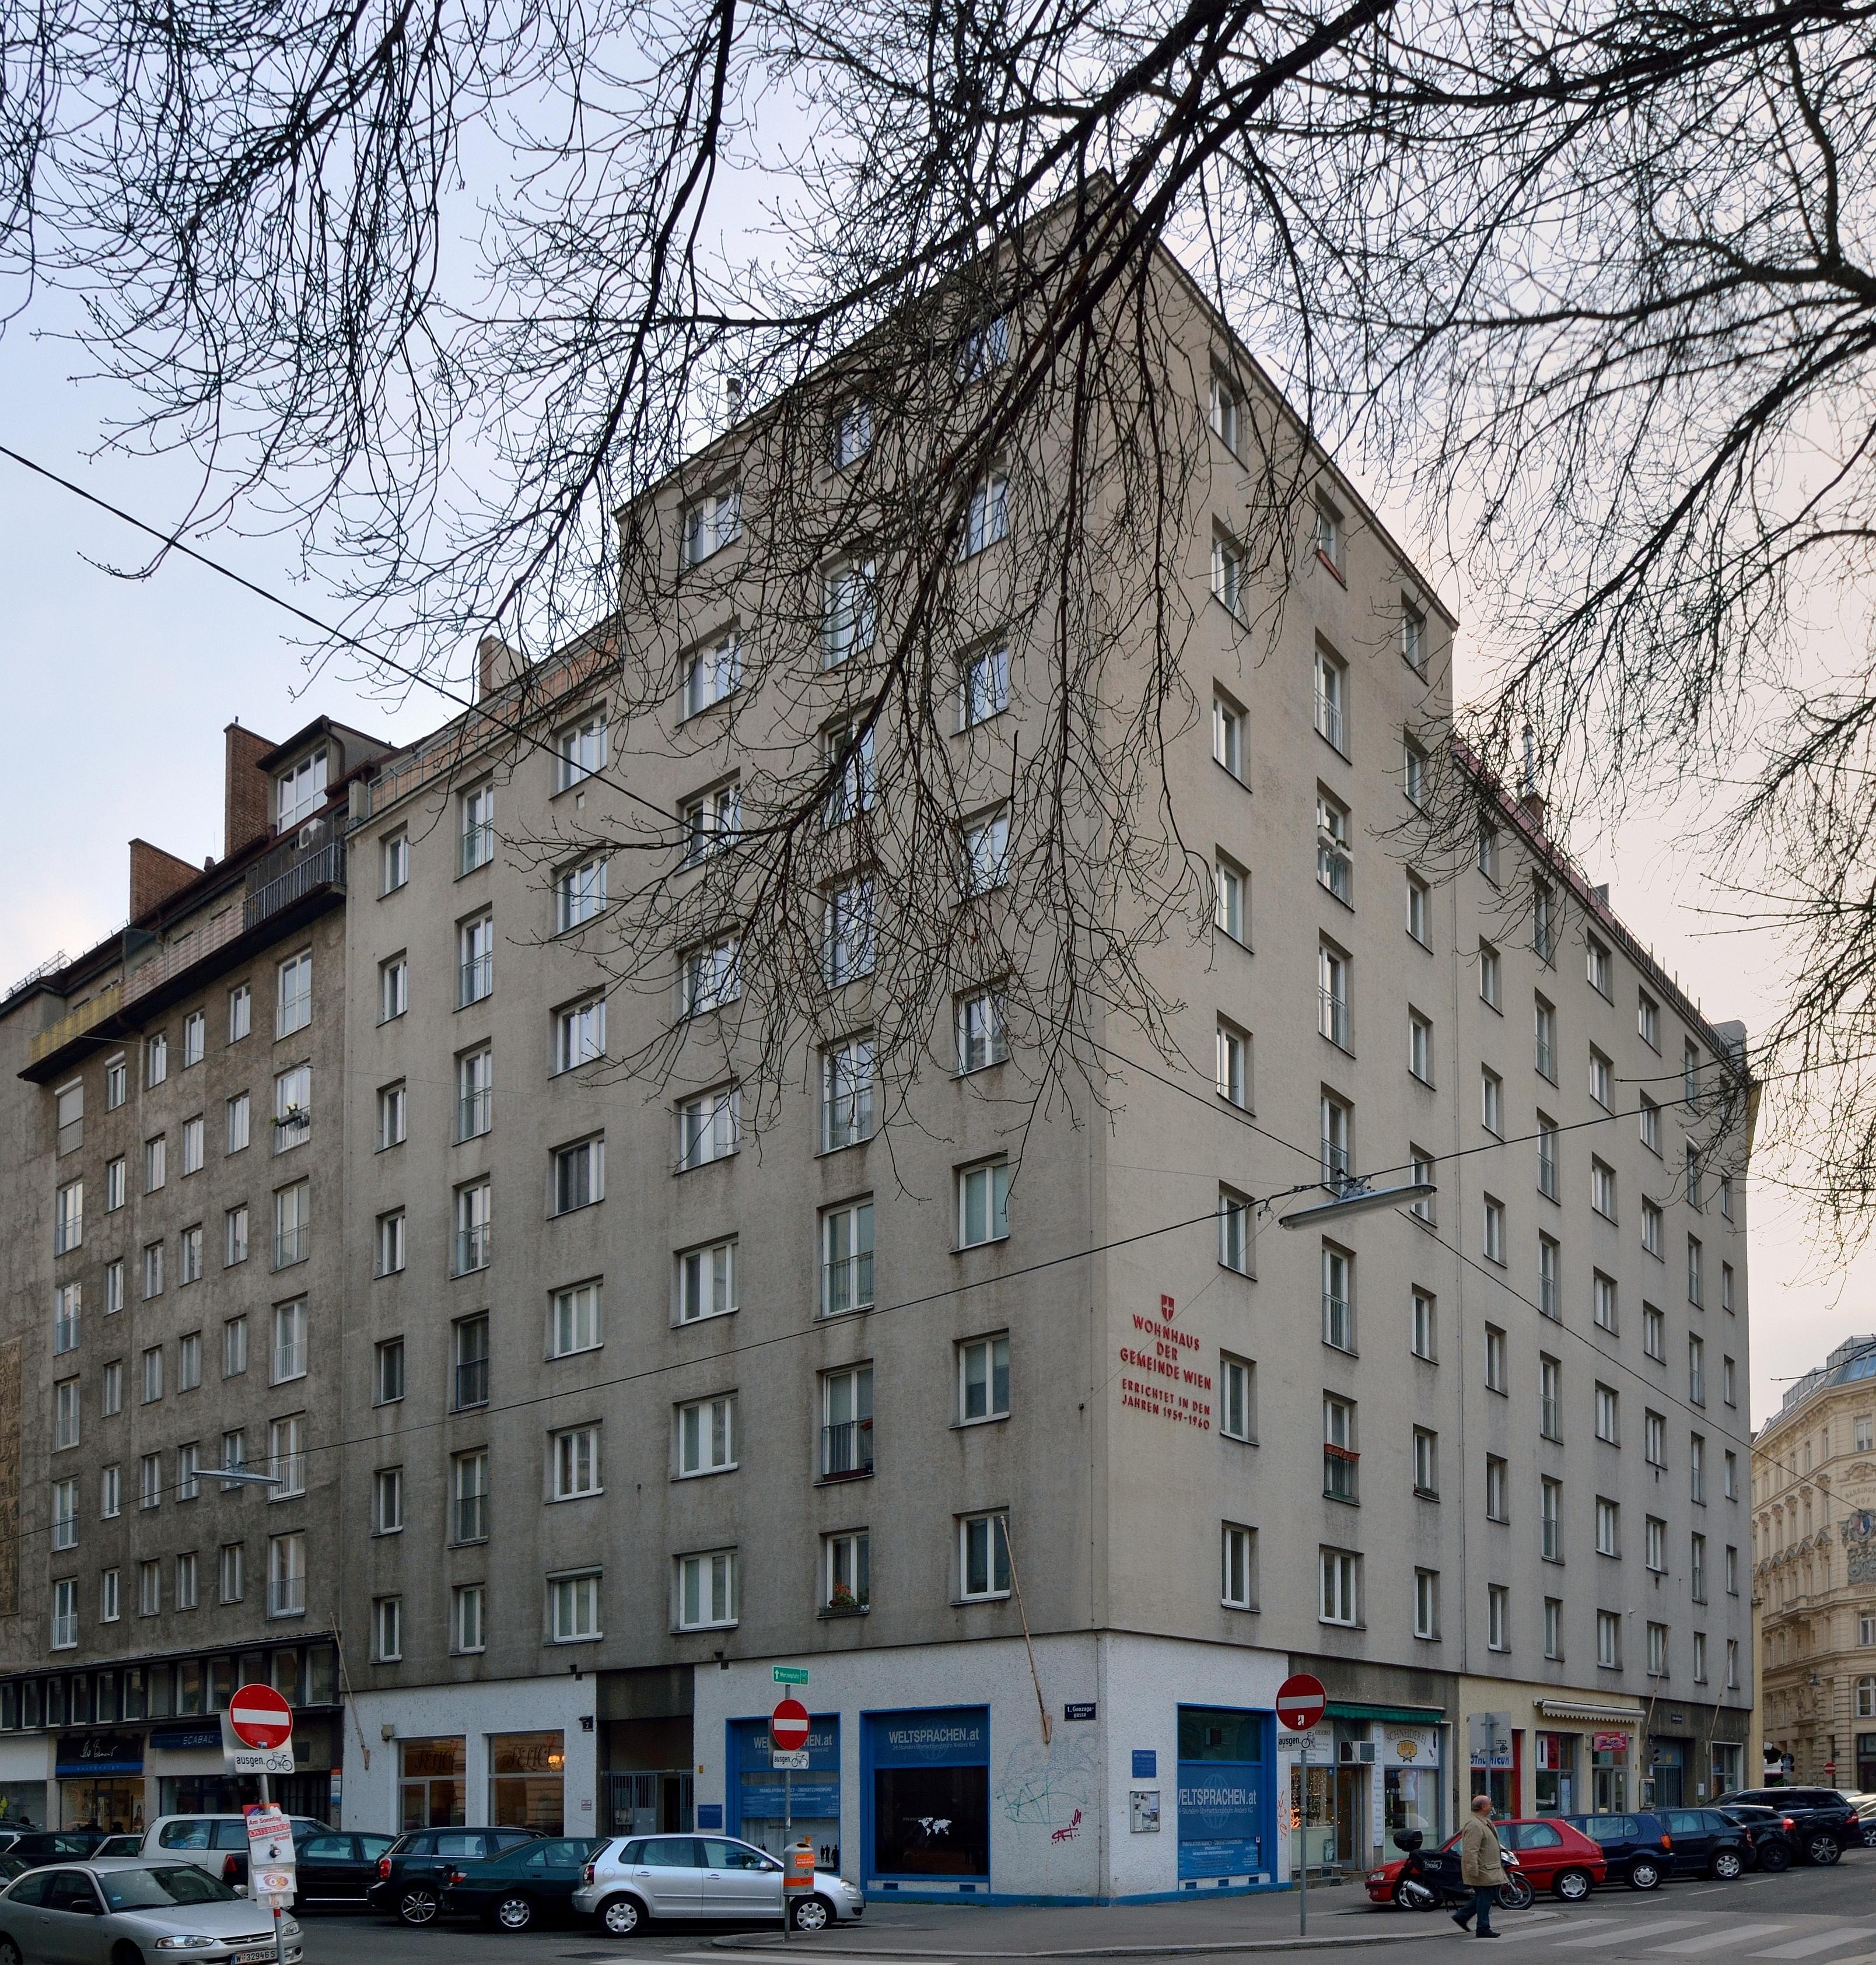 Rudolfsplatz 8-Gonzagagasse 7-DSC 5366w.jpg